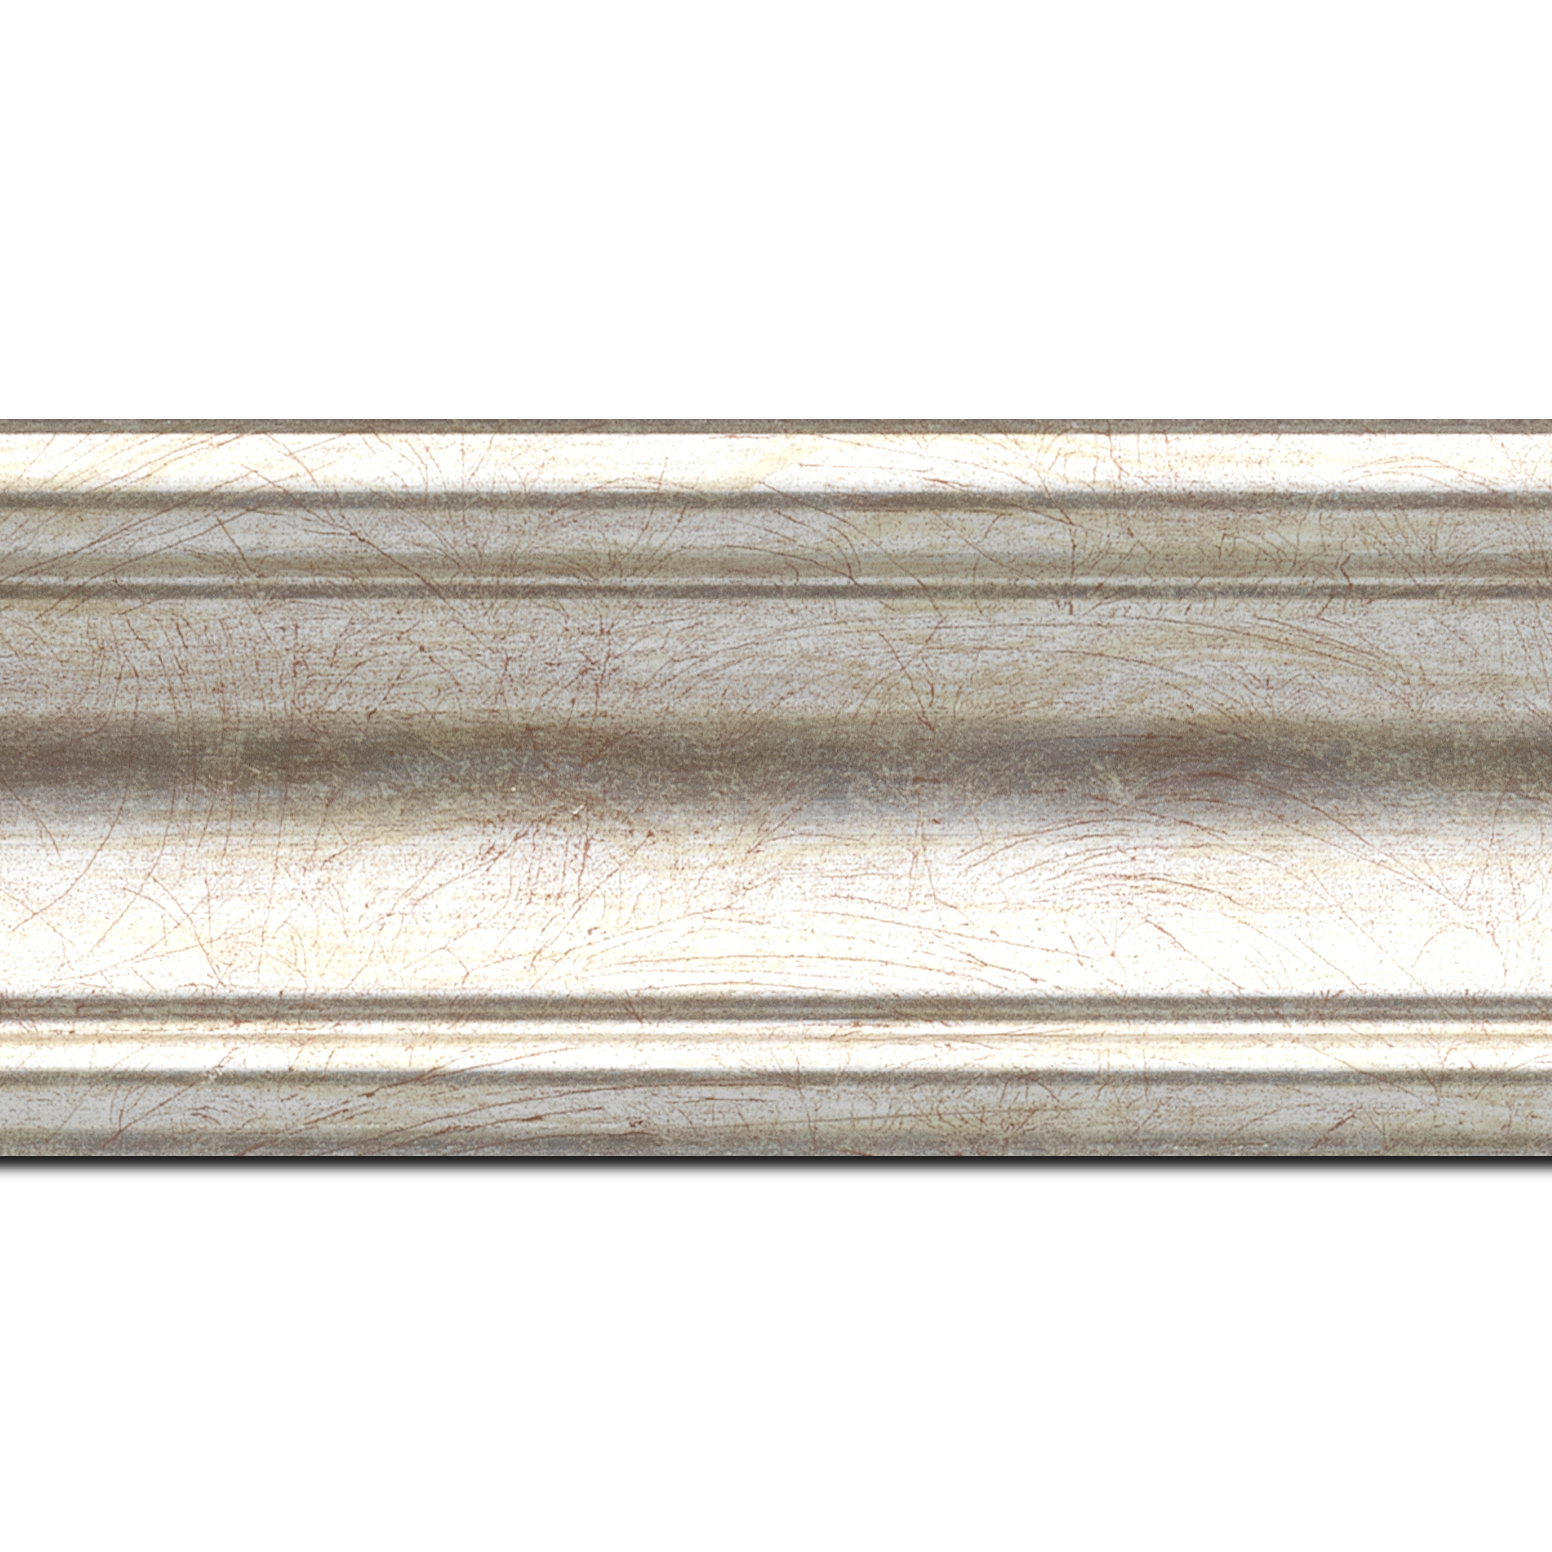 Pack par 12m, bois profil incurvé largeur 7cm argent chaud(longueur baguette pouvant varier entre 2.40m et 3m selon arrivage des bois)